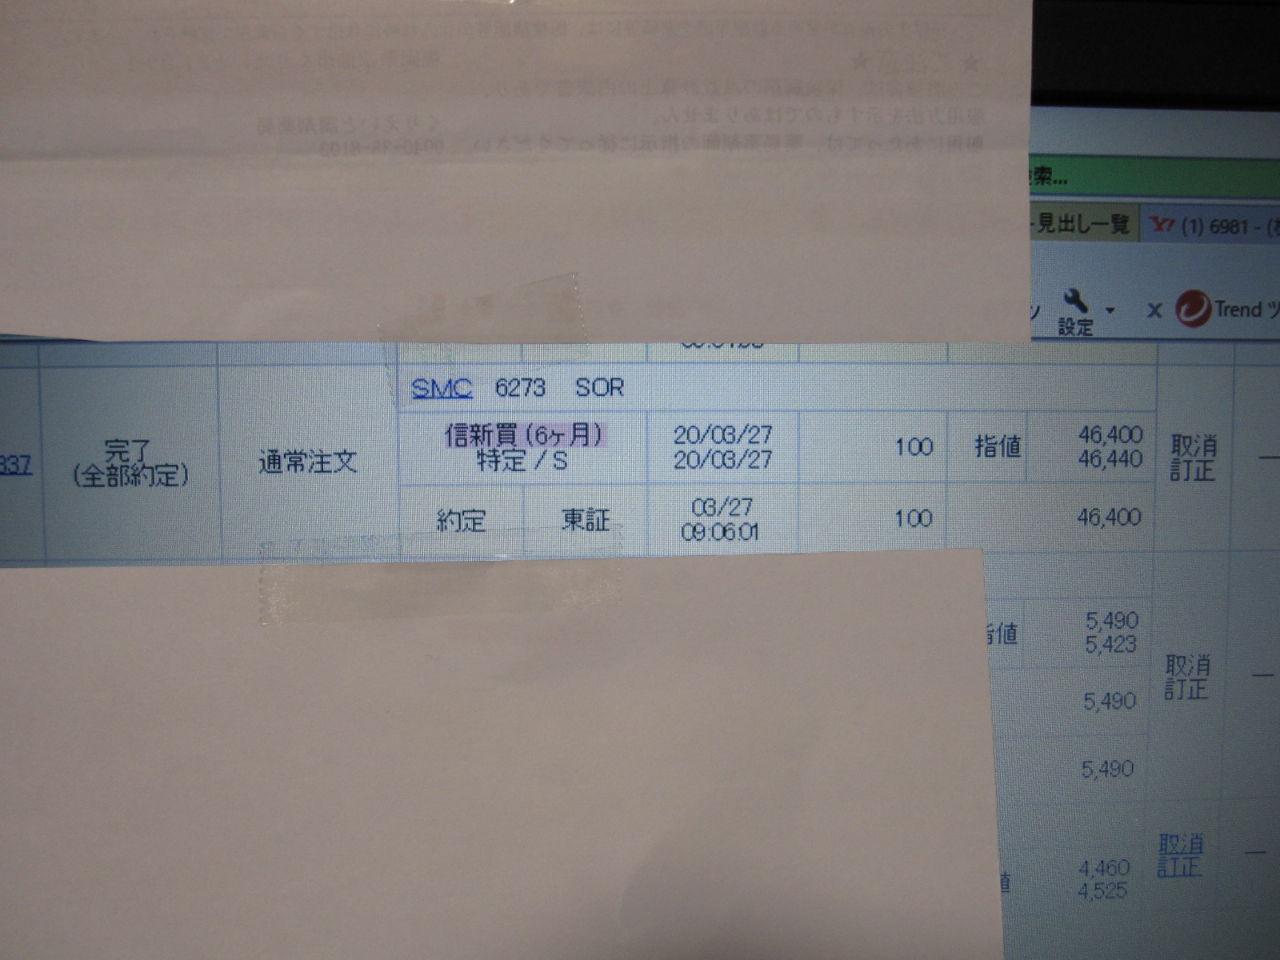 6273 - SMC(株) 売り約定が06分丁度で、買い約定が06:01